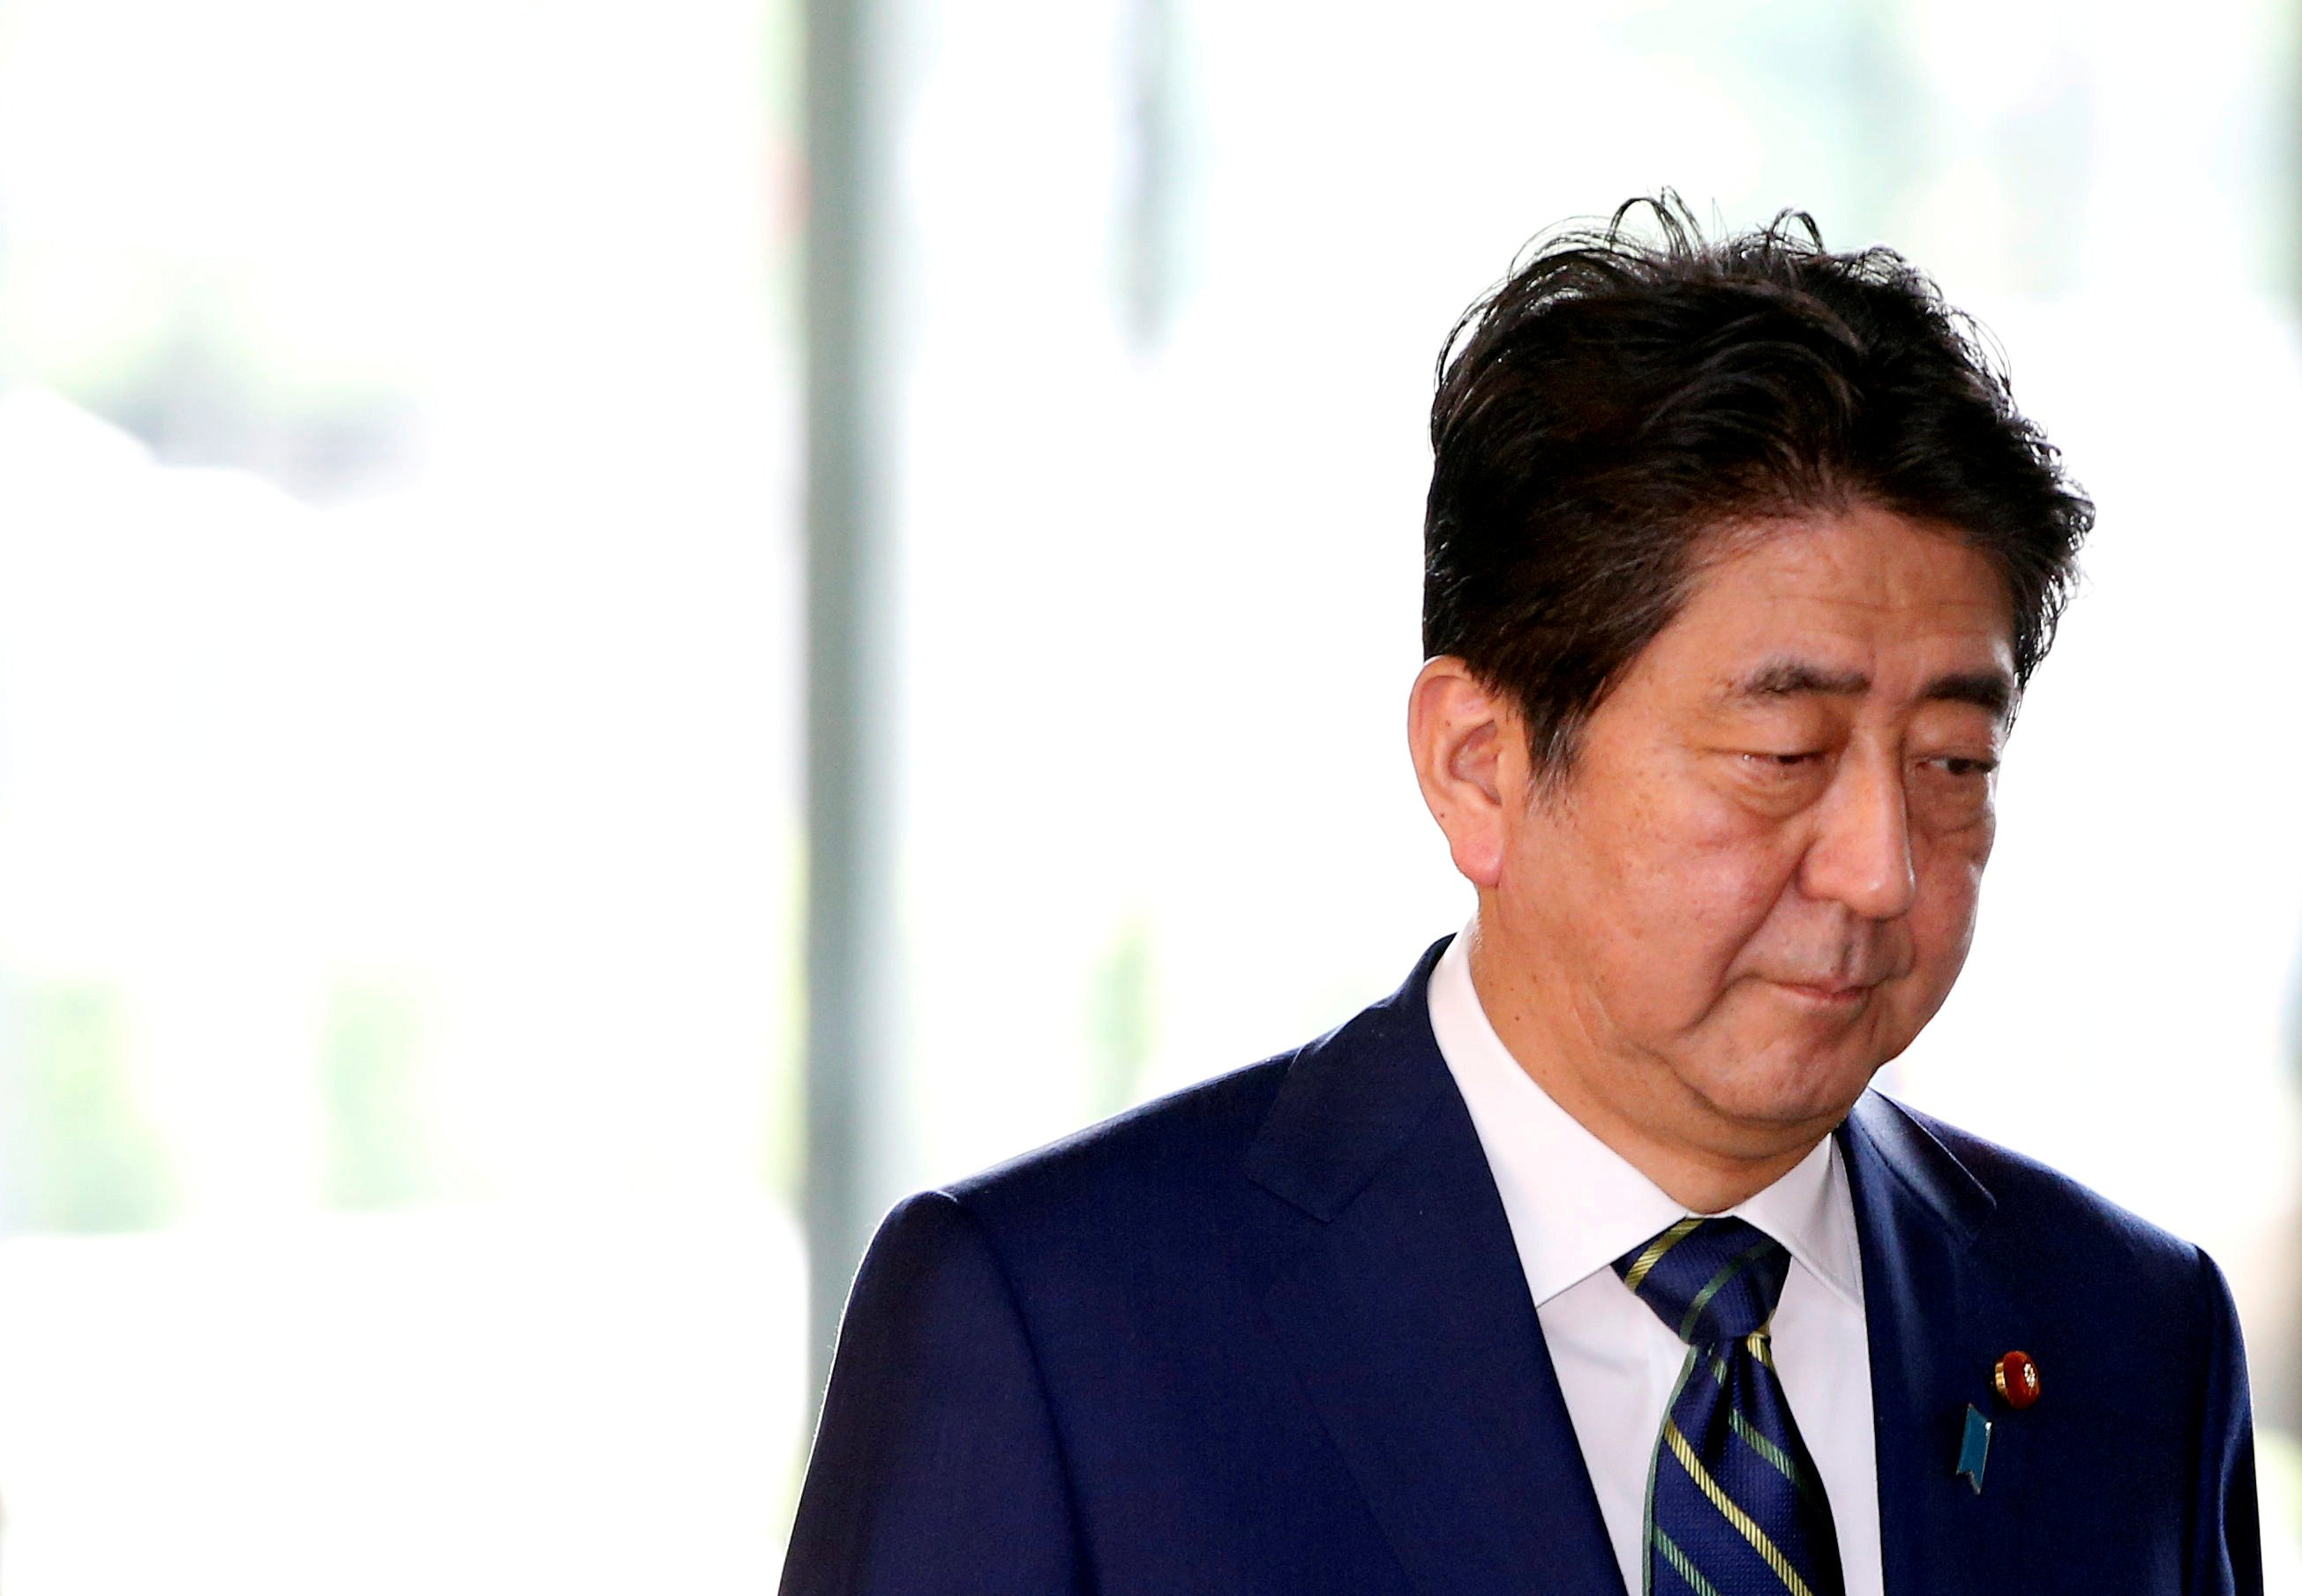 對於日本首相安倍晉三所率領的自民黨而言,小池組新黨異軍突起東京市政,無疑給了執政黨一大打擊。